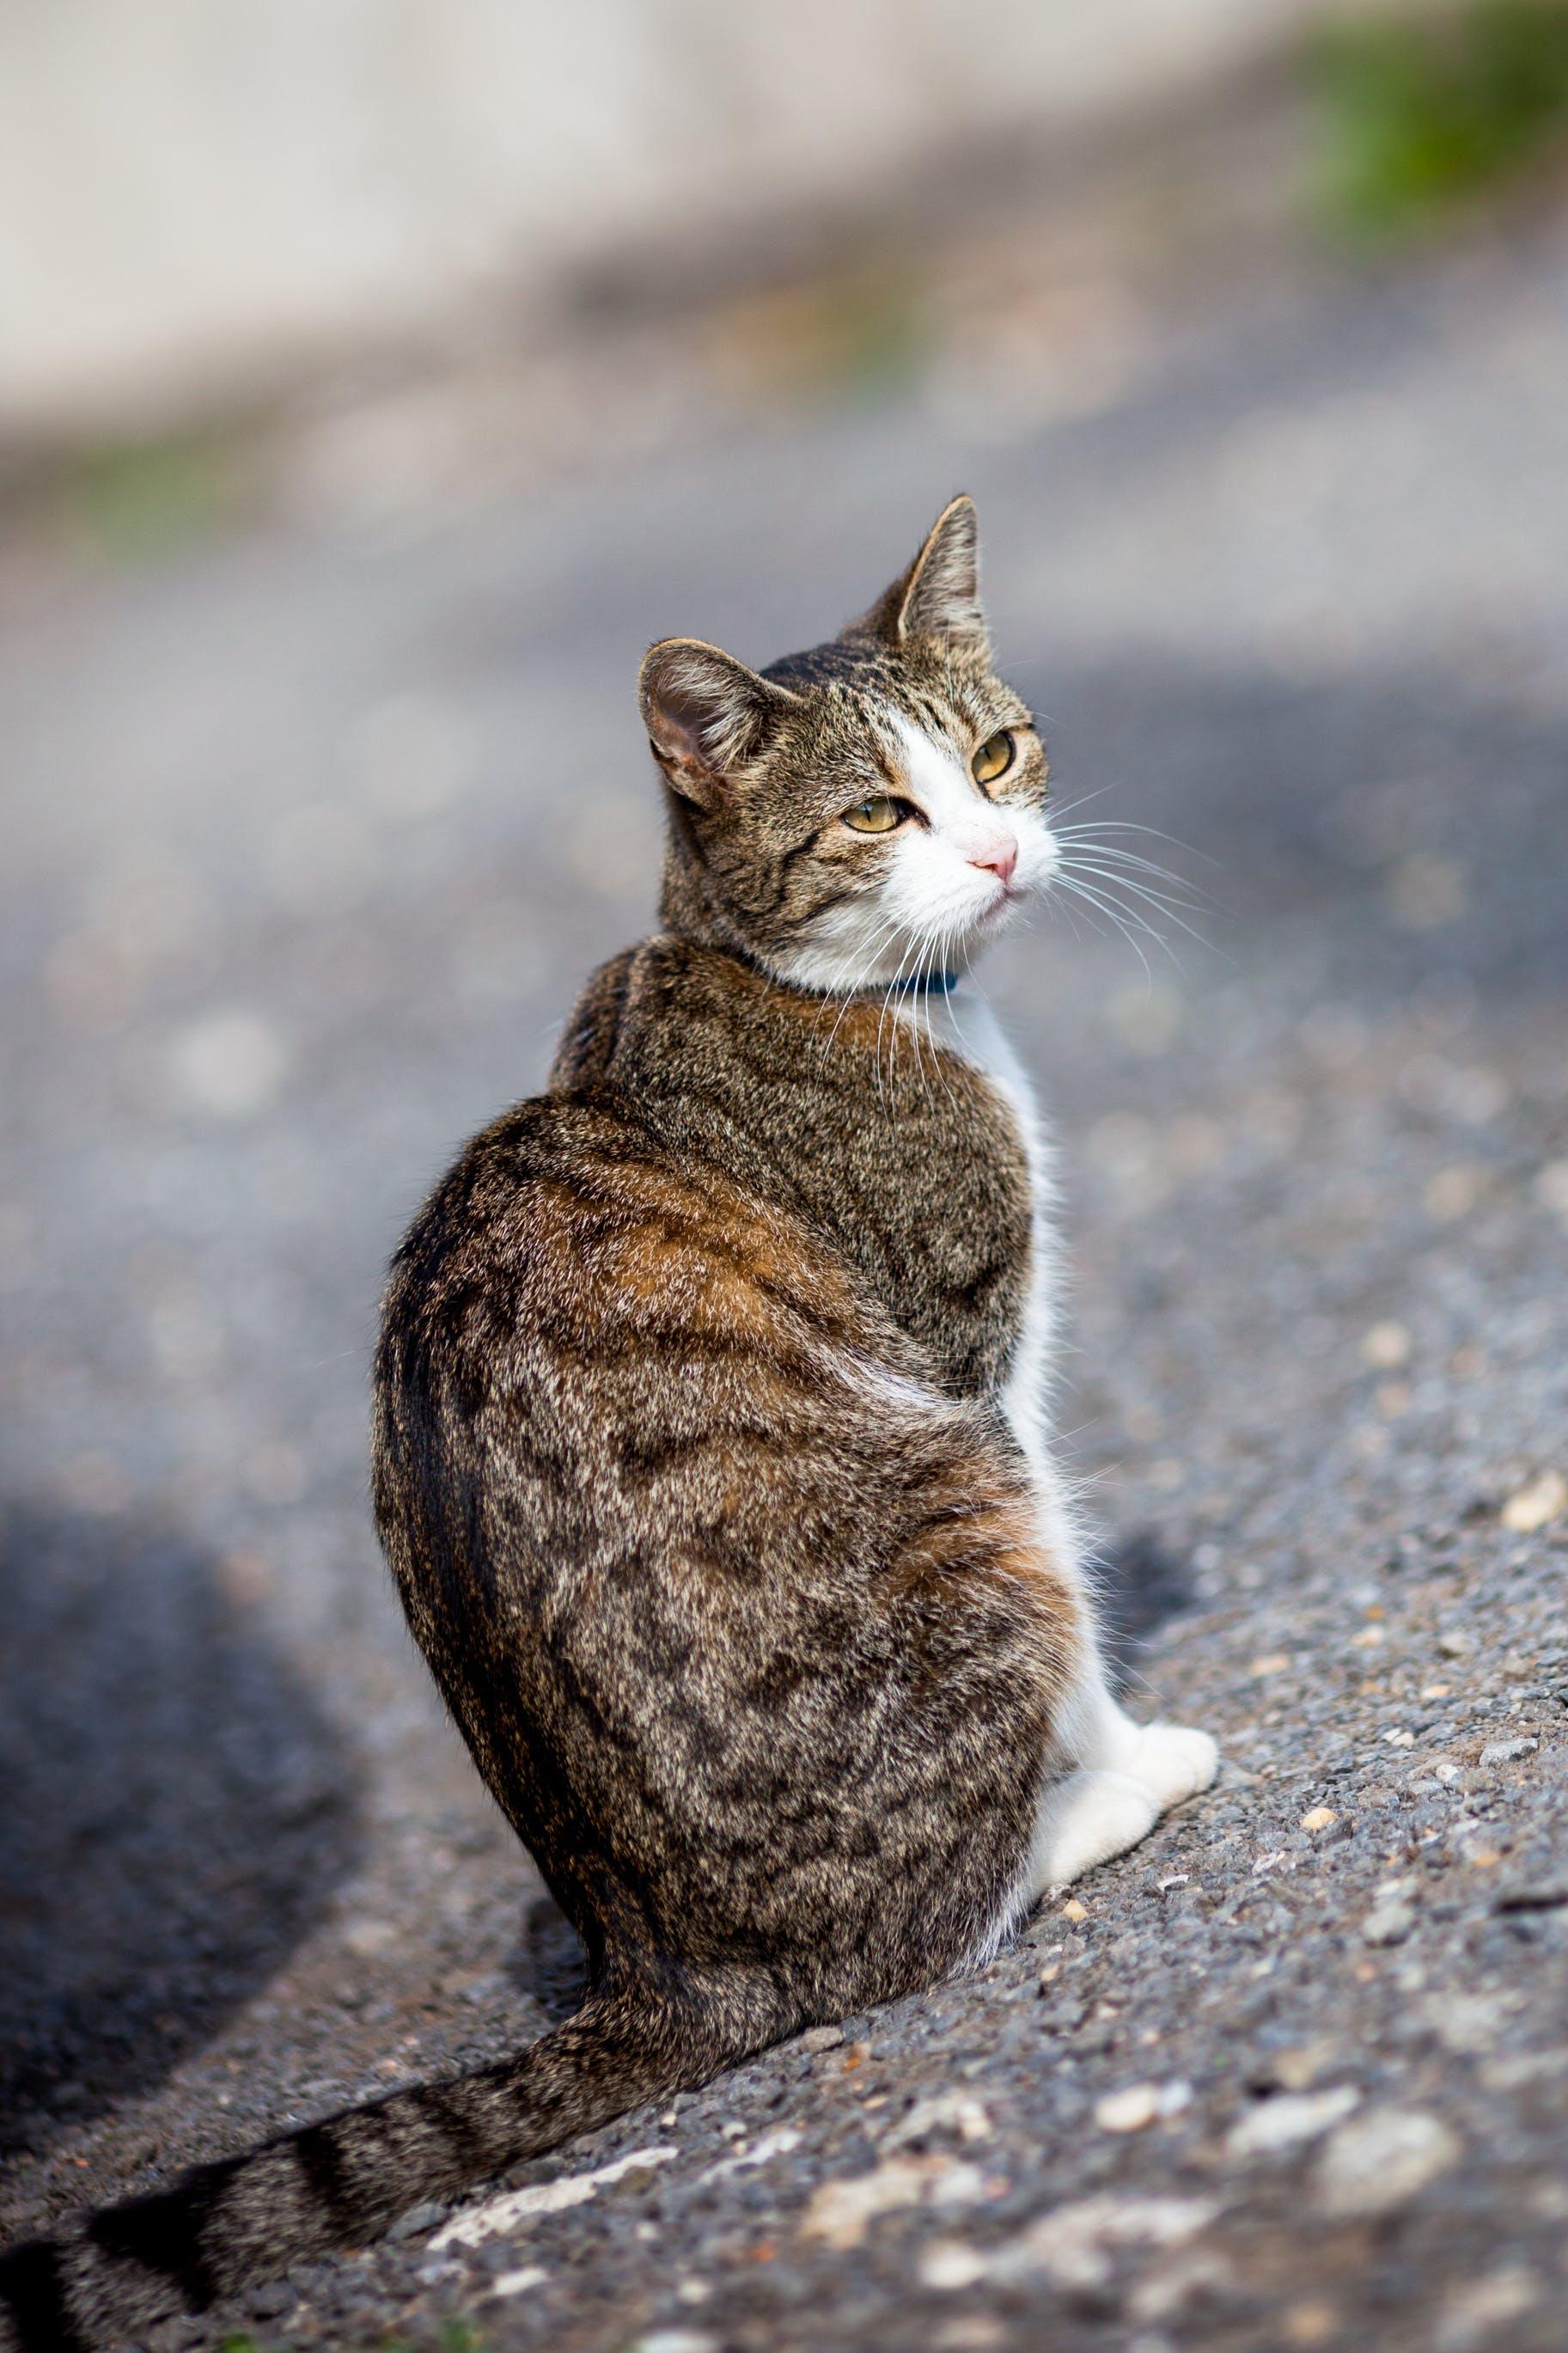 Kostenloses Stock Foto zu gespeicherte katze, katze, katzengesicht, streunende katze